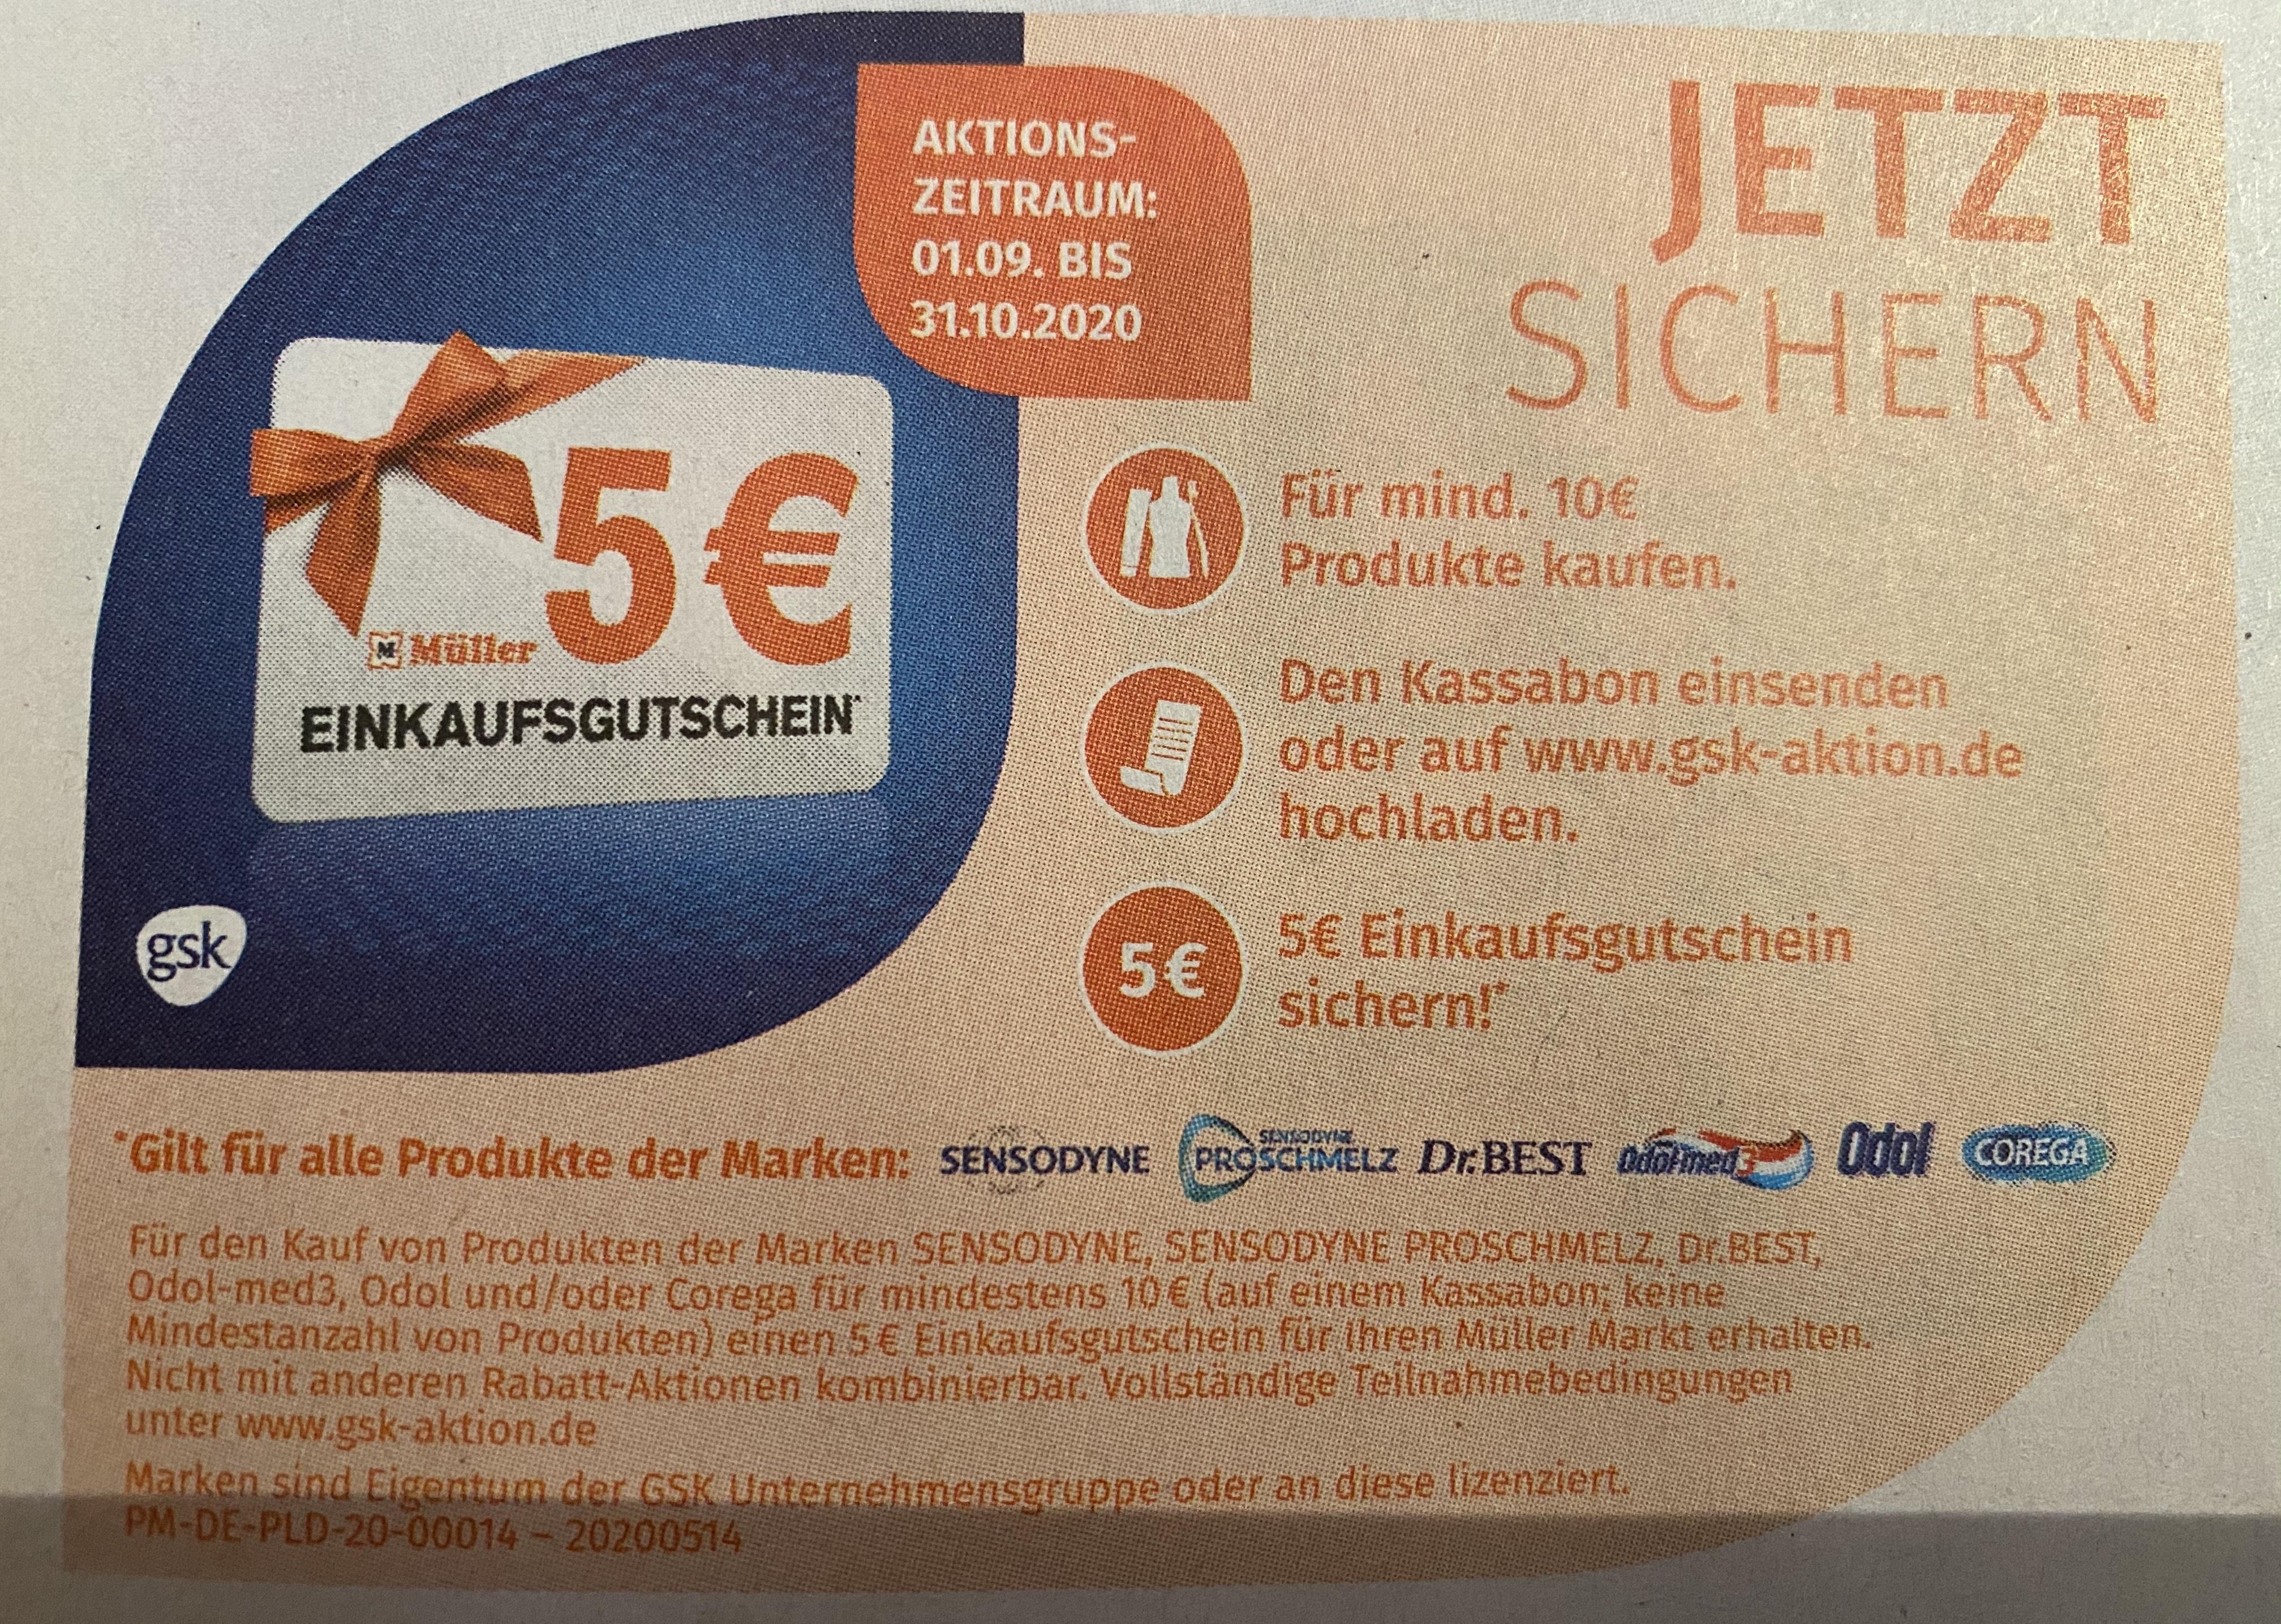 5€ Müller Einkaufsgutschein sichern